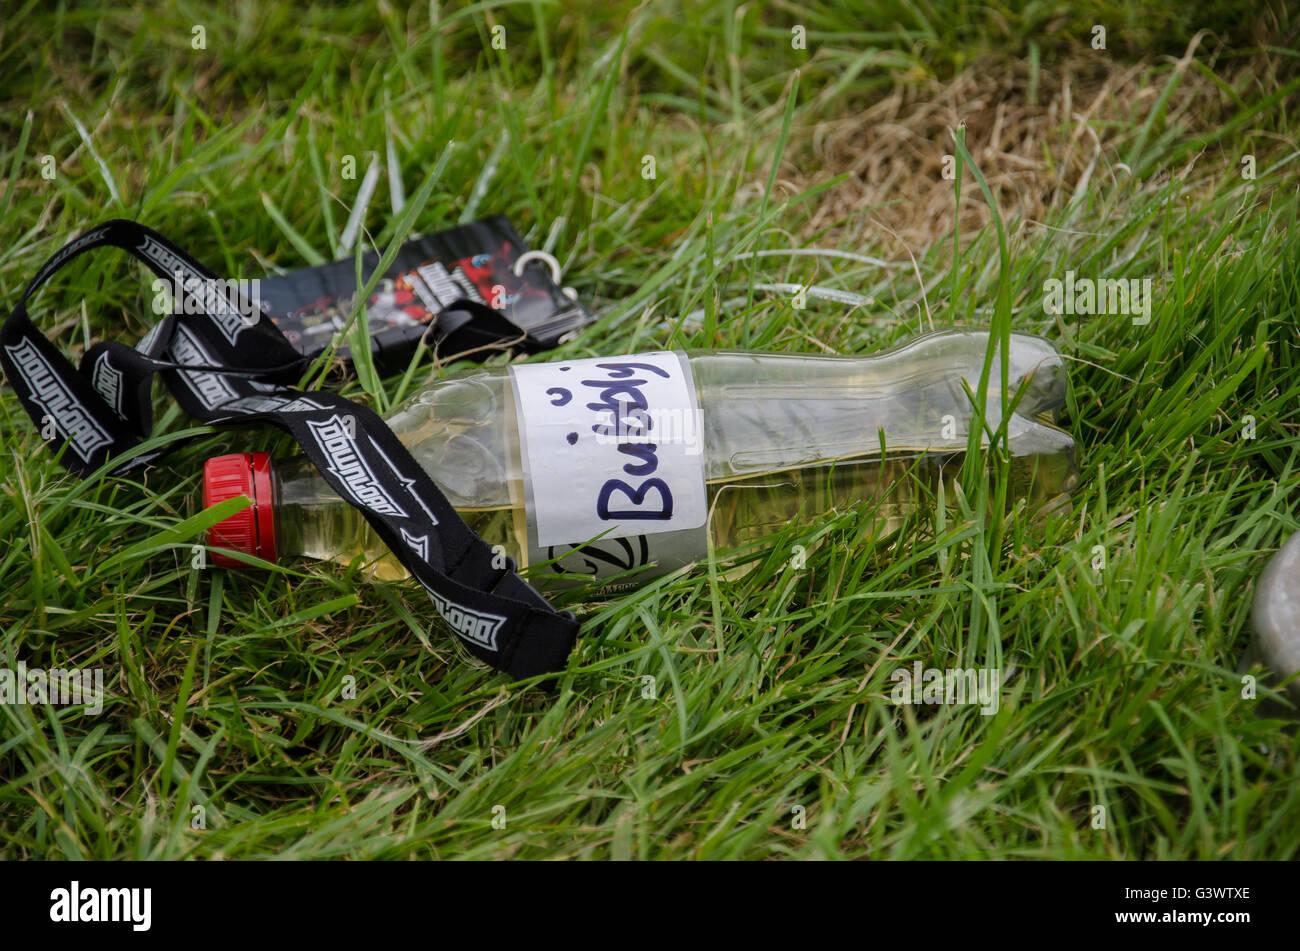 Télécharger music festival dragonne et bouteille de champagne dans l'herbe camping Photo Stock